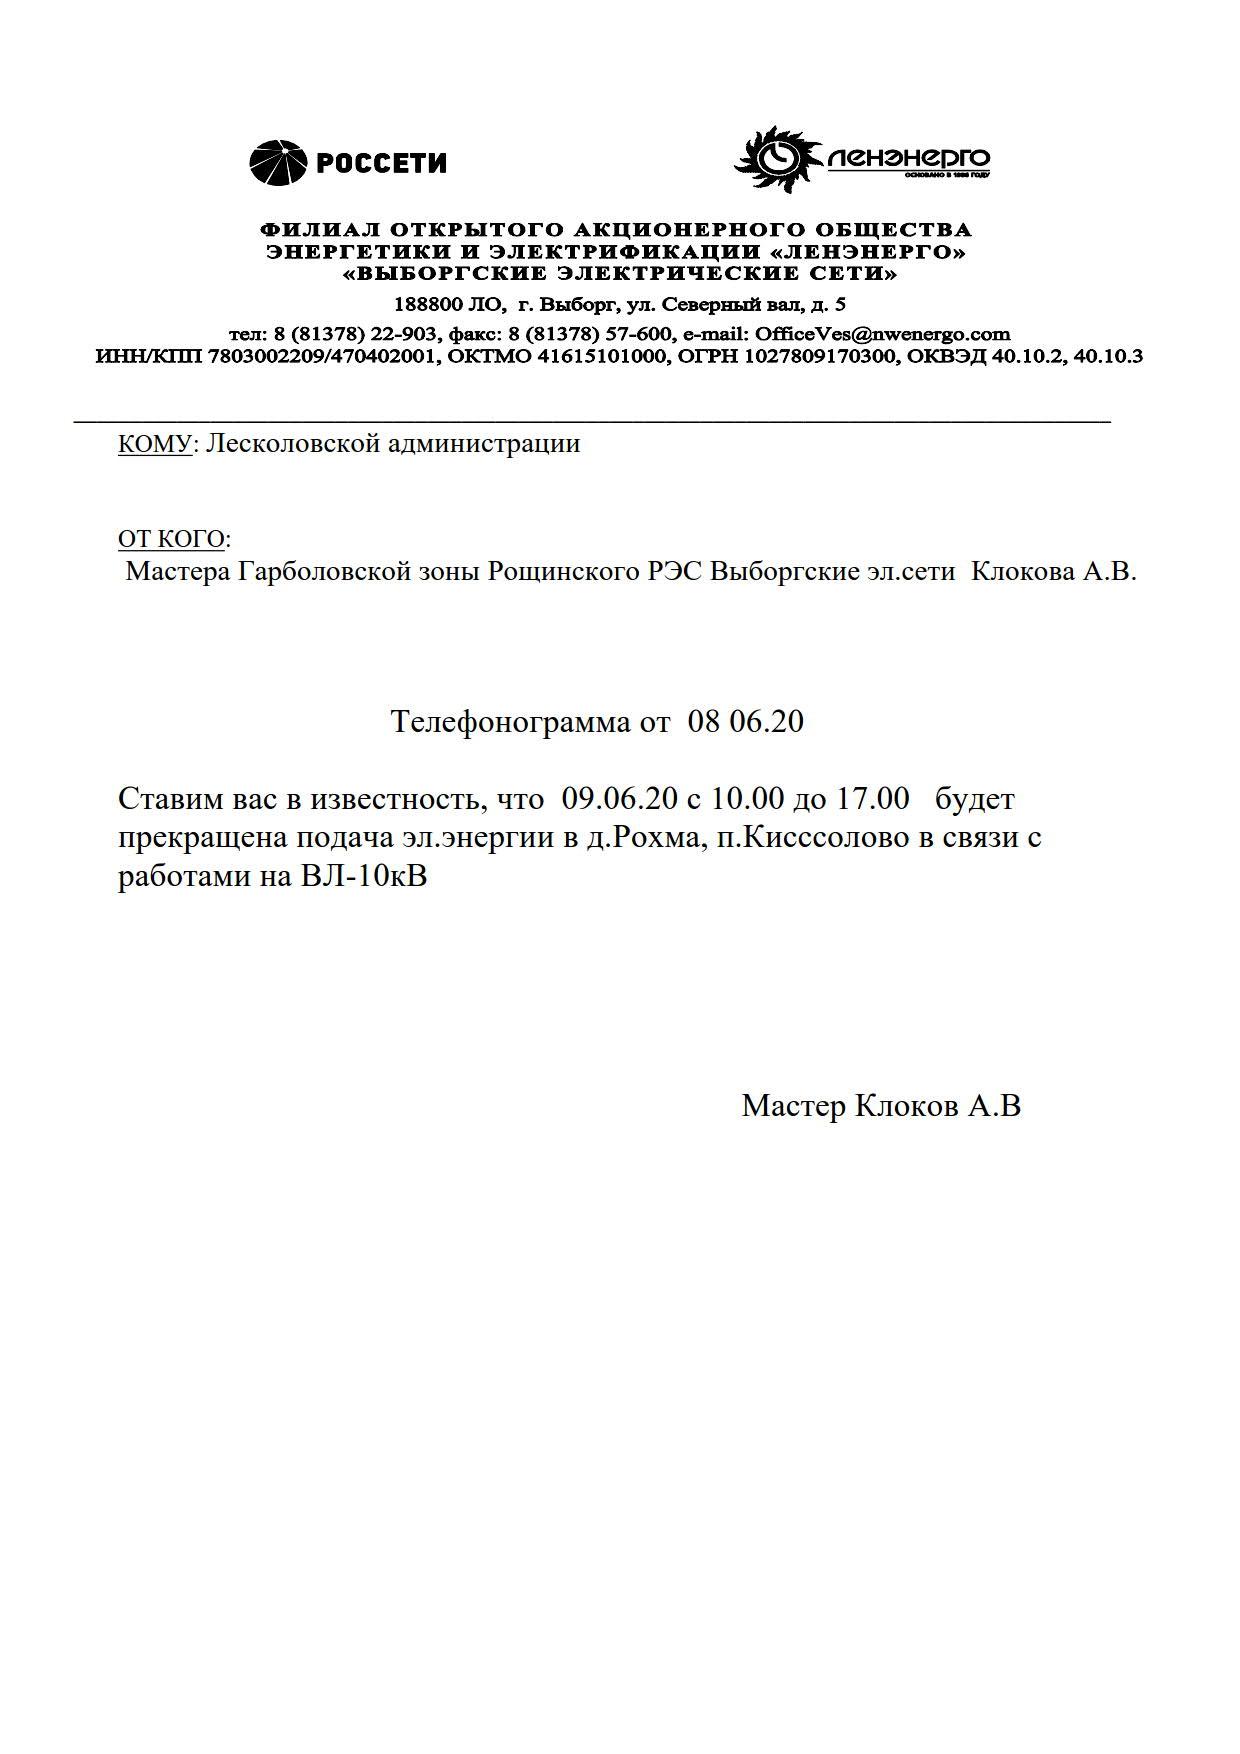 Леск.адм. ППв8295 Ф 604-19_1